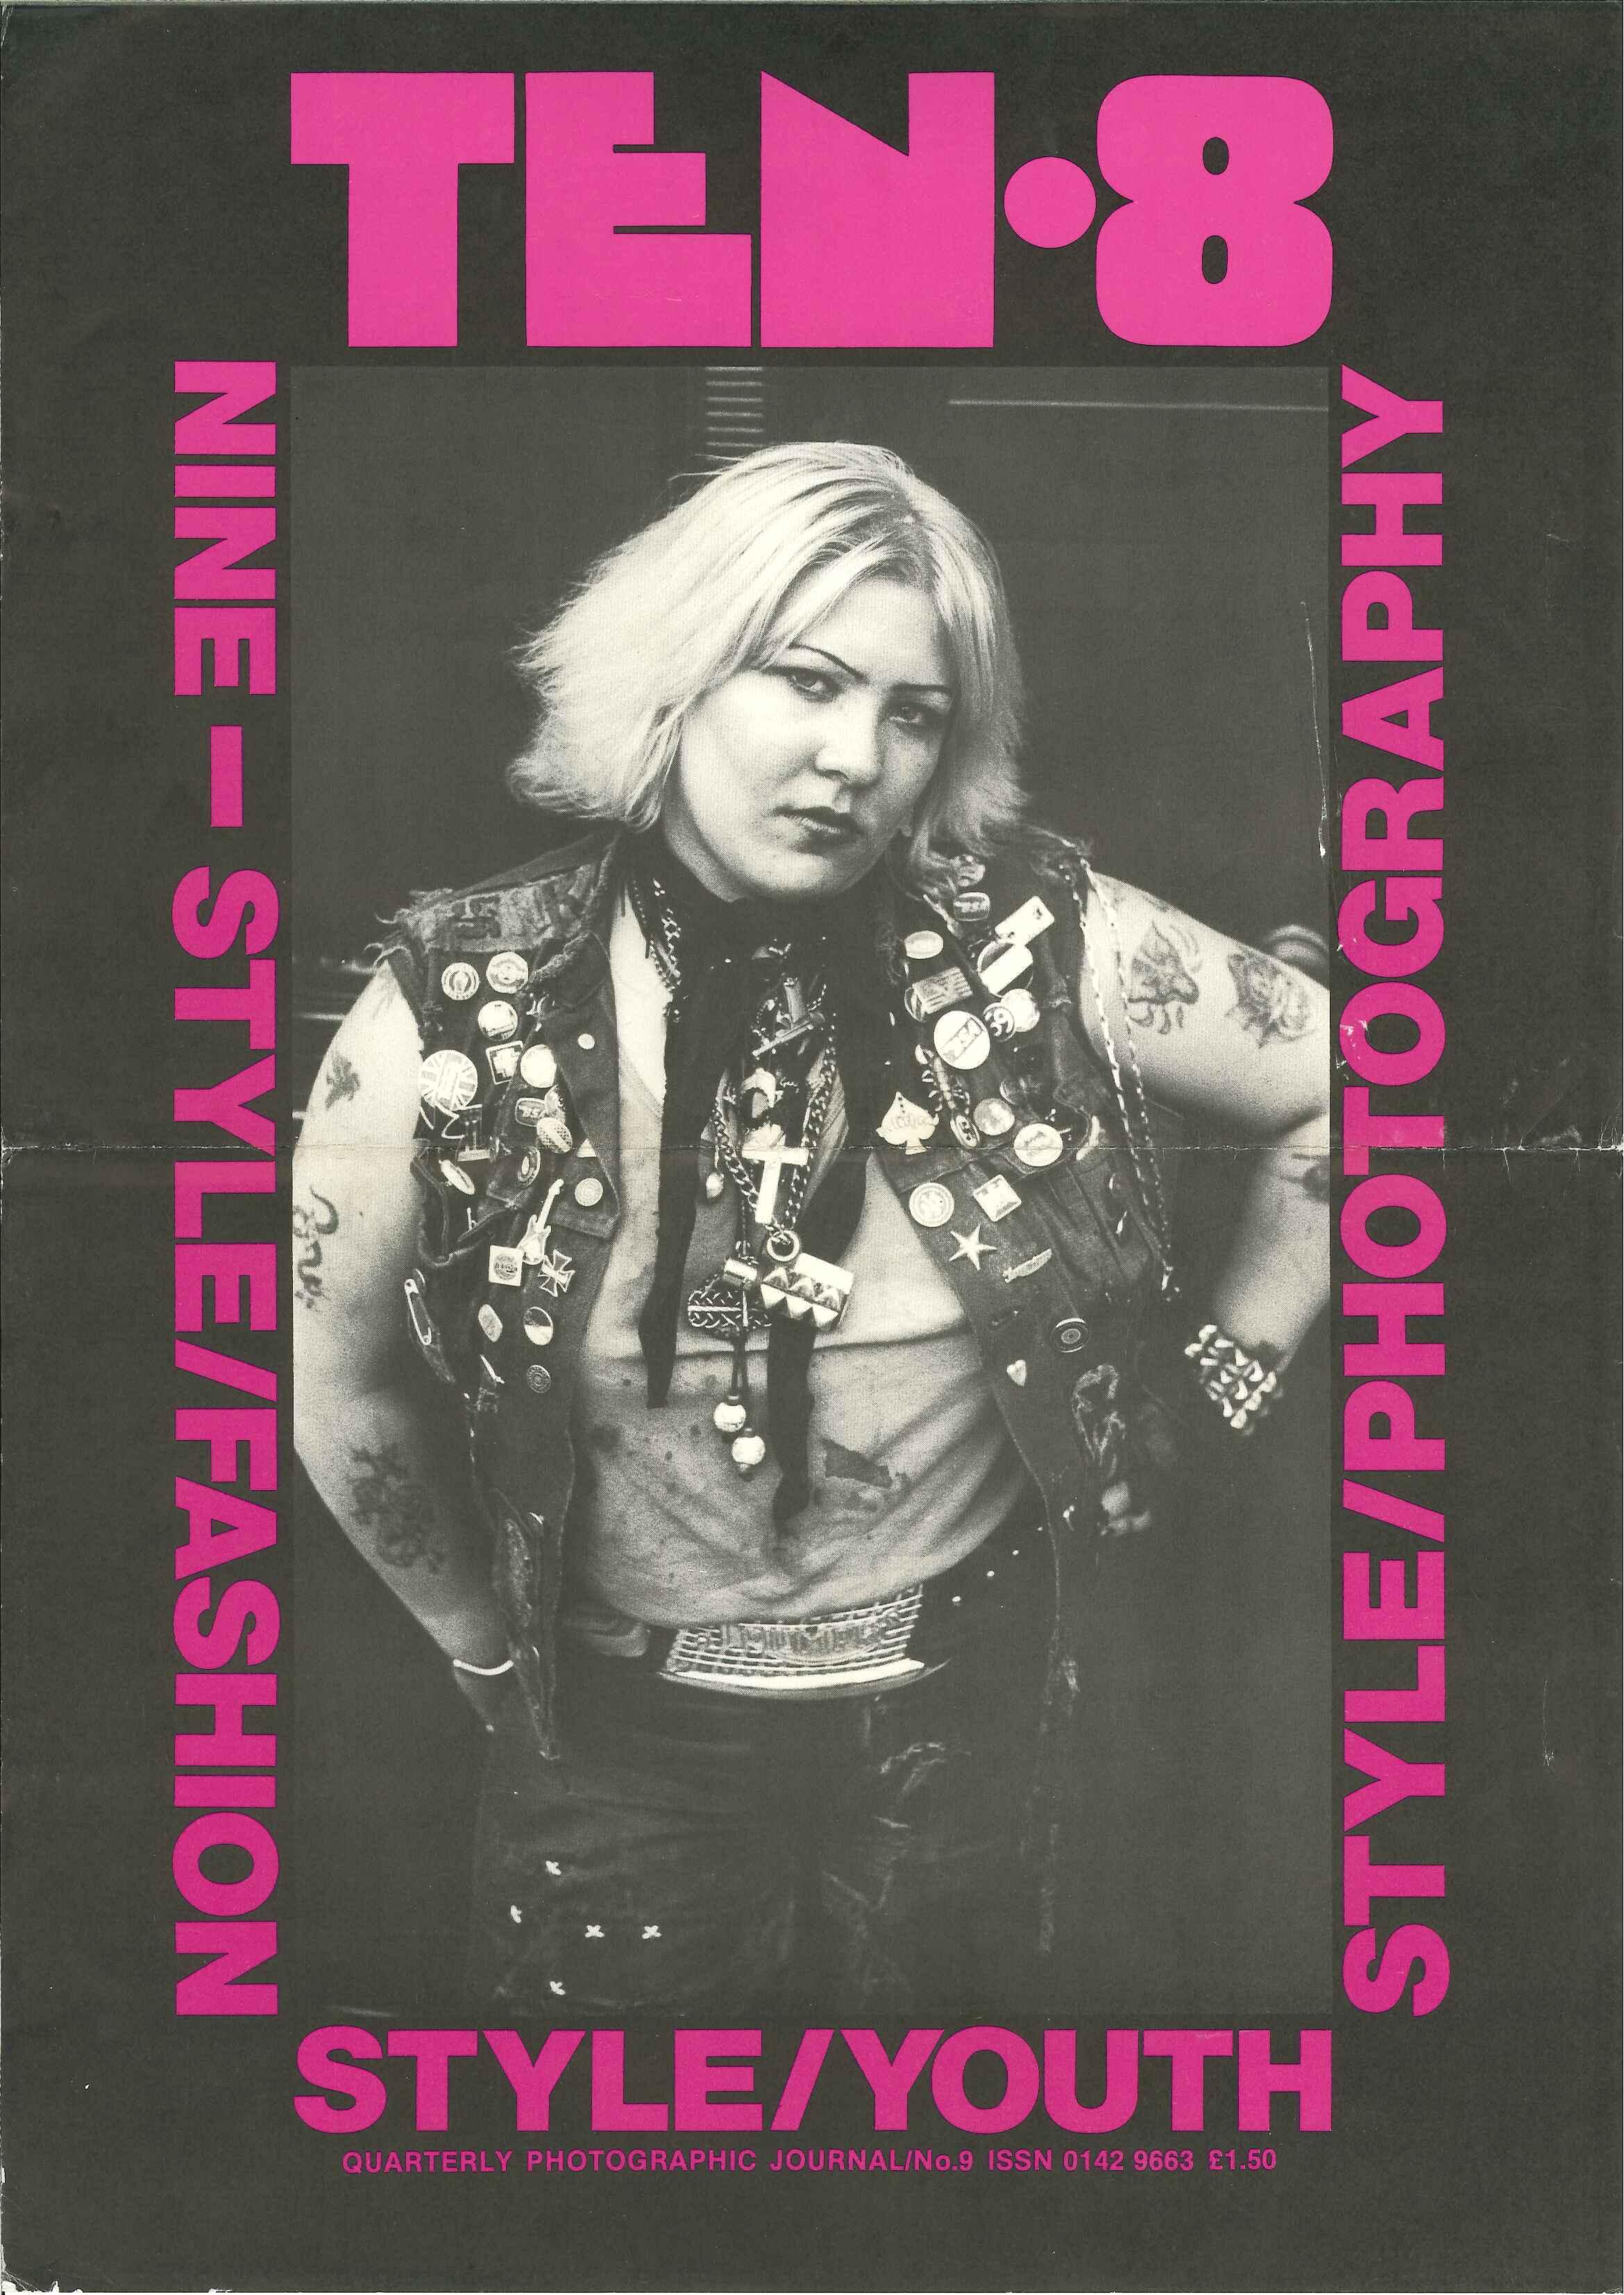 Ten-8 magazine / No.9 / 1982